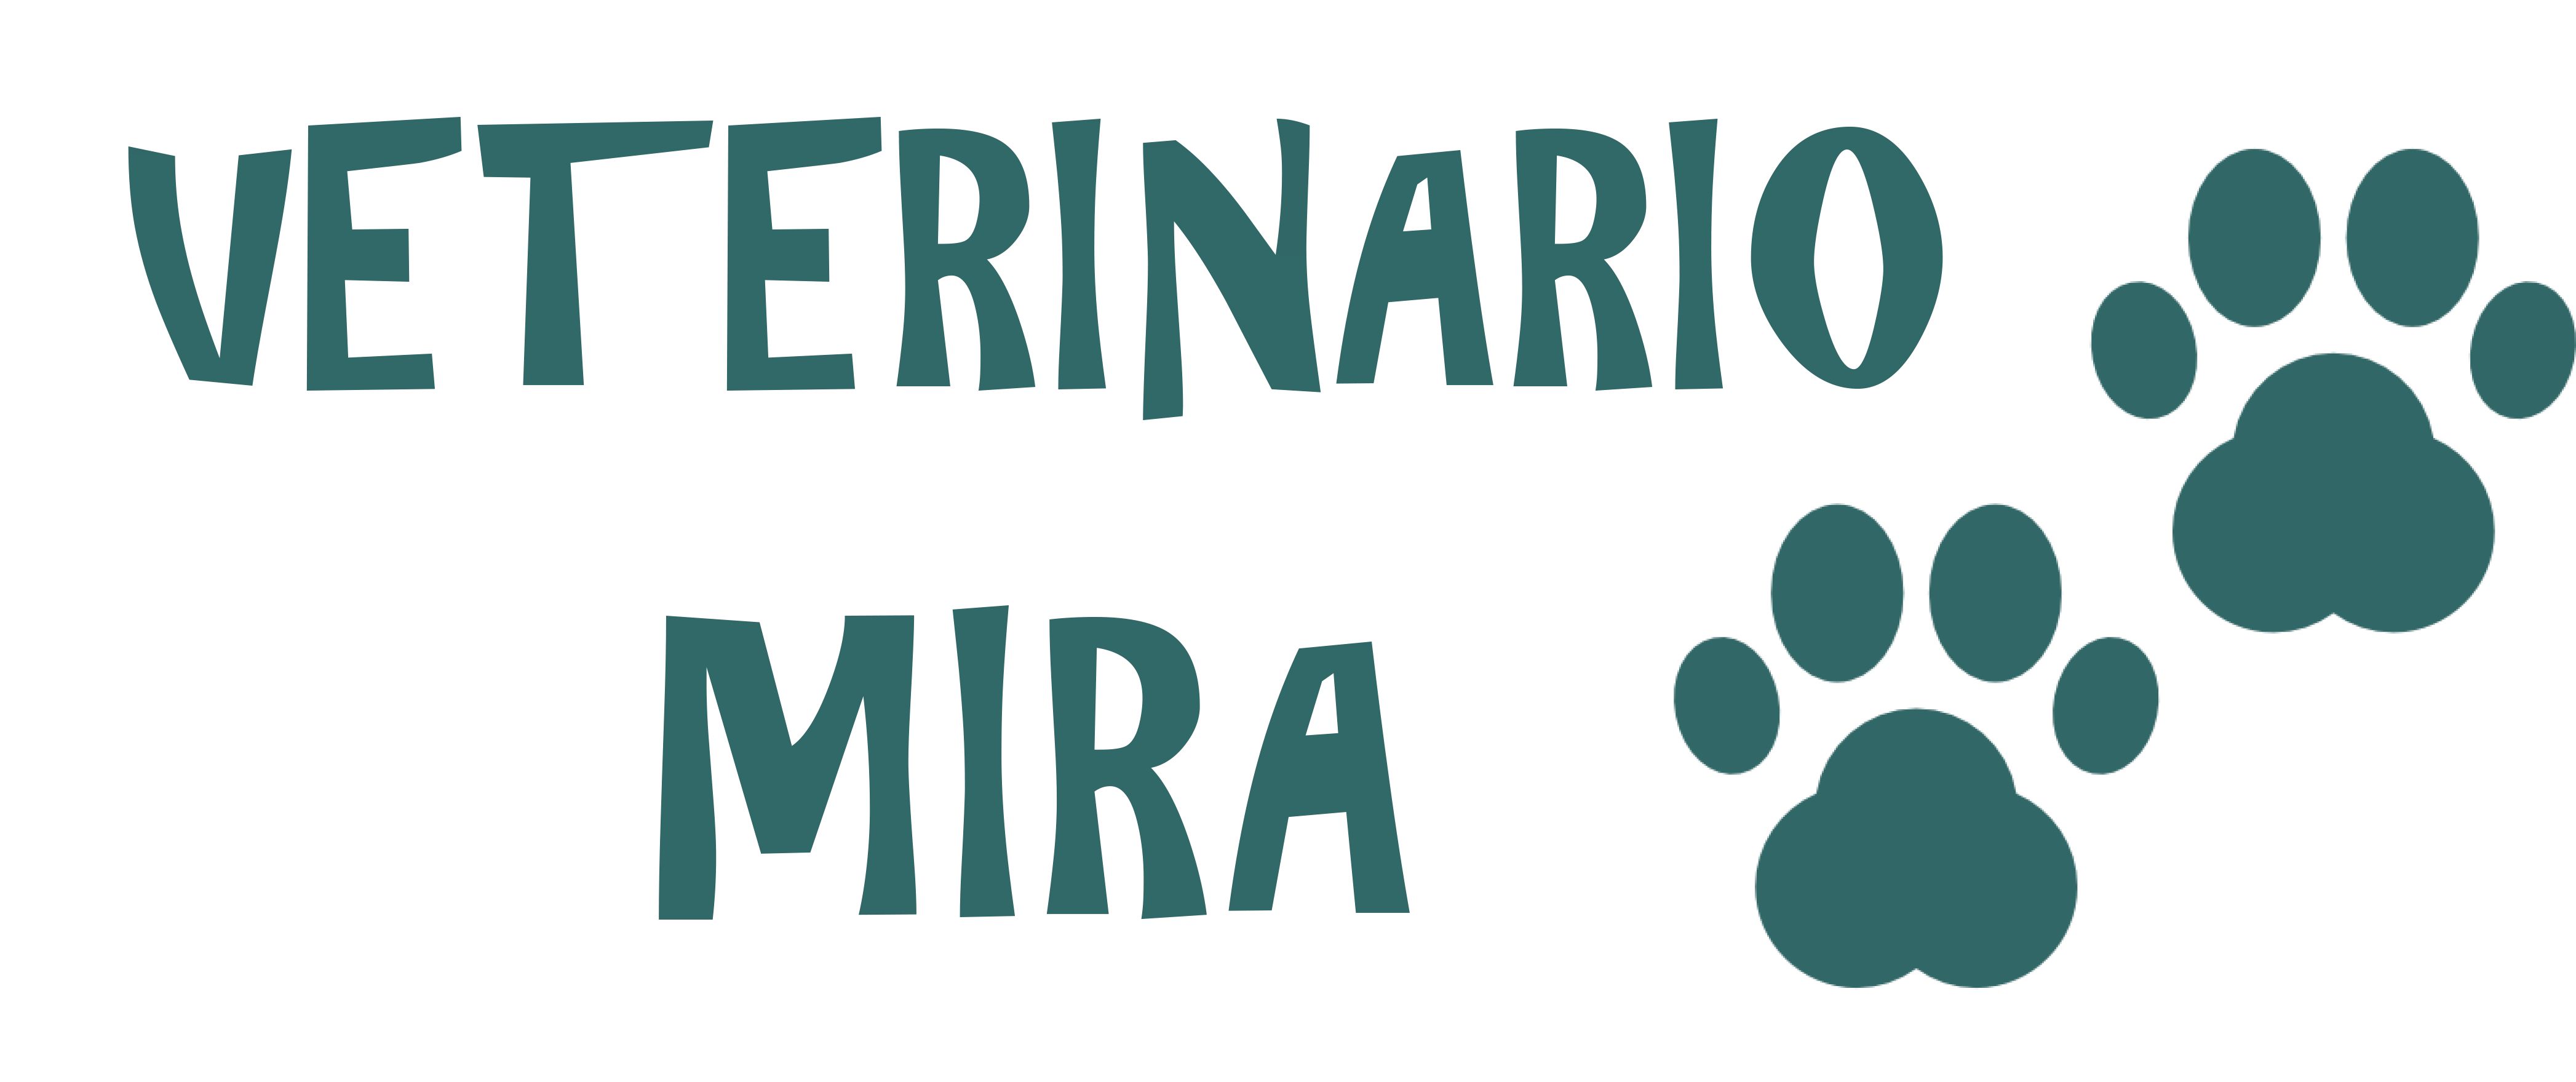 Veterianario Mira